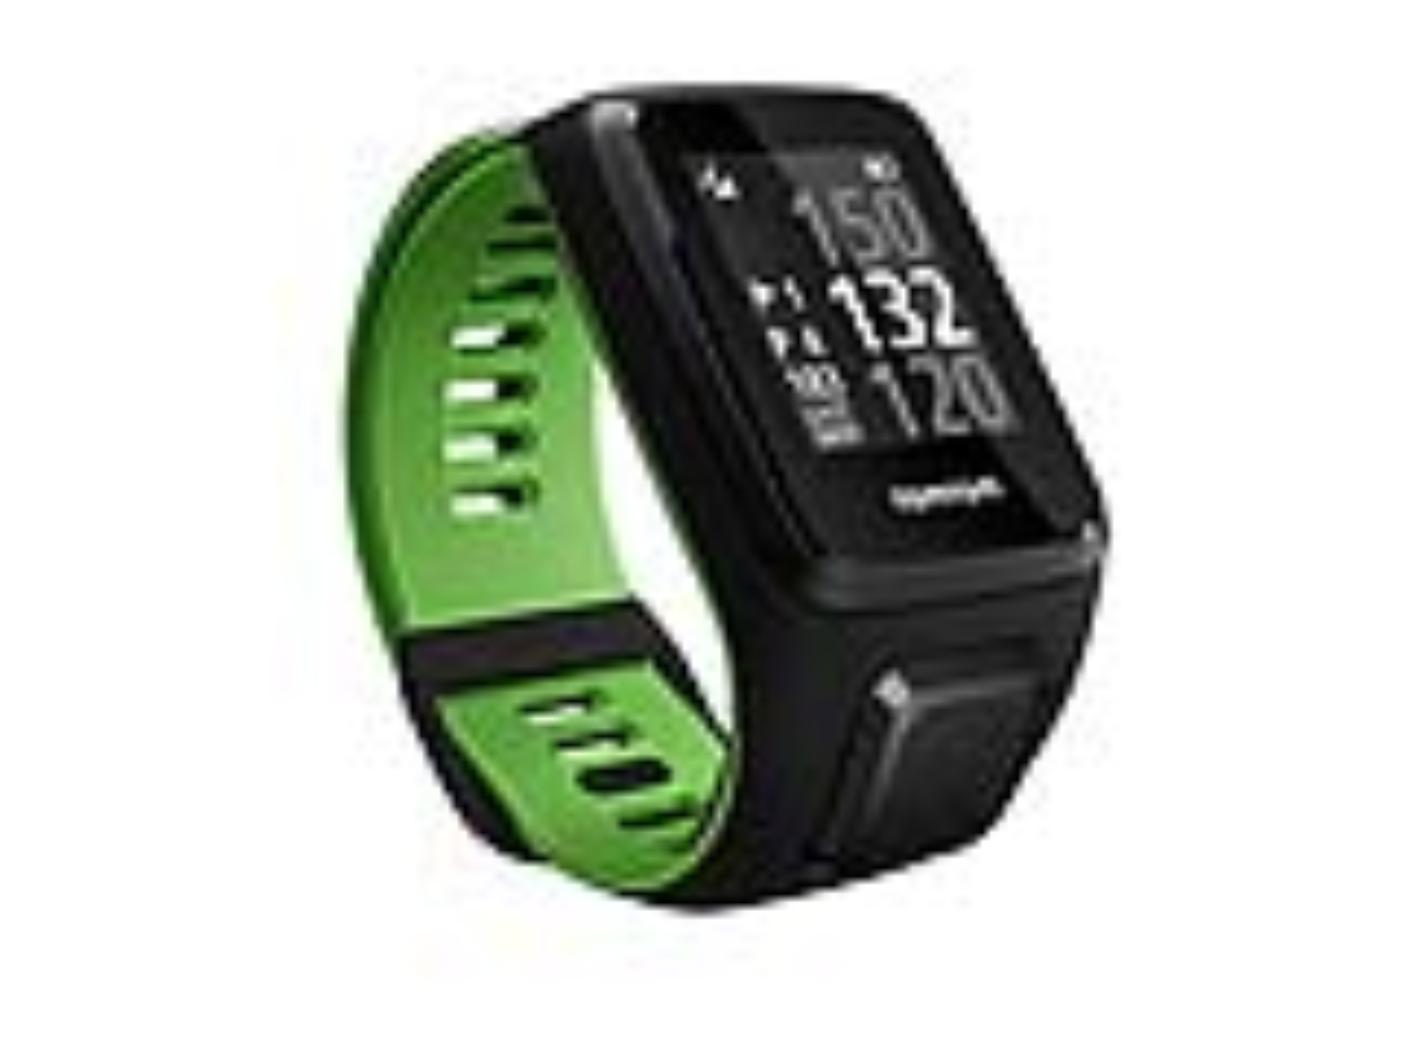 TomTom GPS hodinky Golfer 2 SE (L), černá/zelená